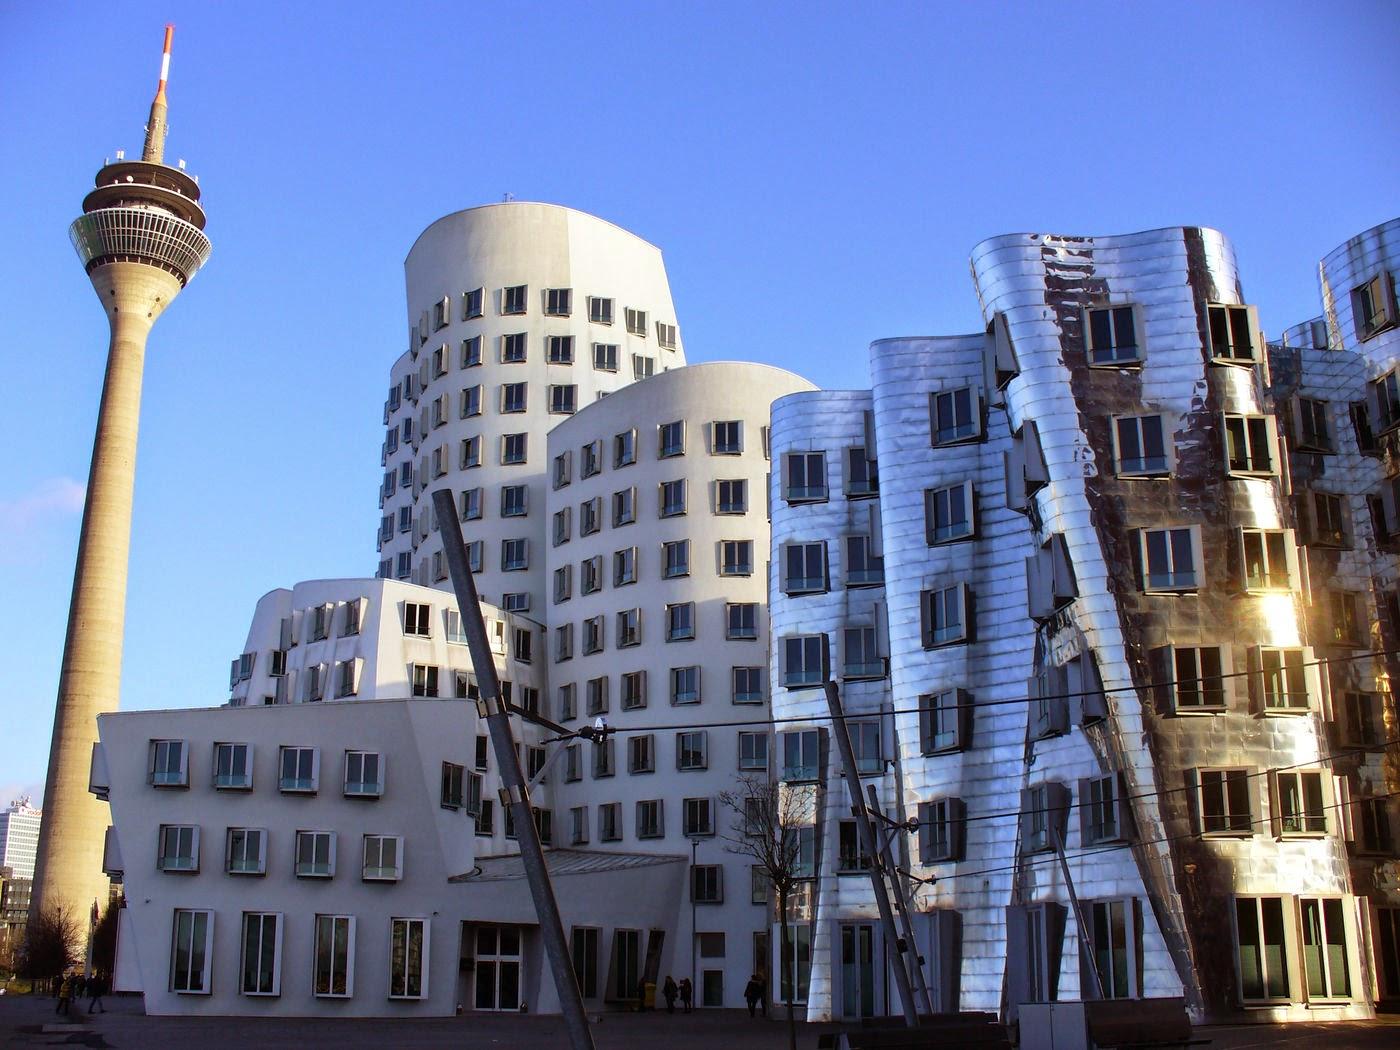 Reiseabenteuerlich d sseldorf teil 1 die l ngste theke der welt - Architekten in dusseldorf ...